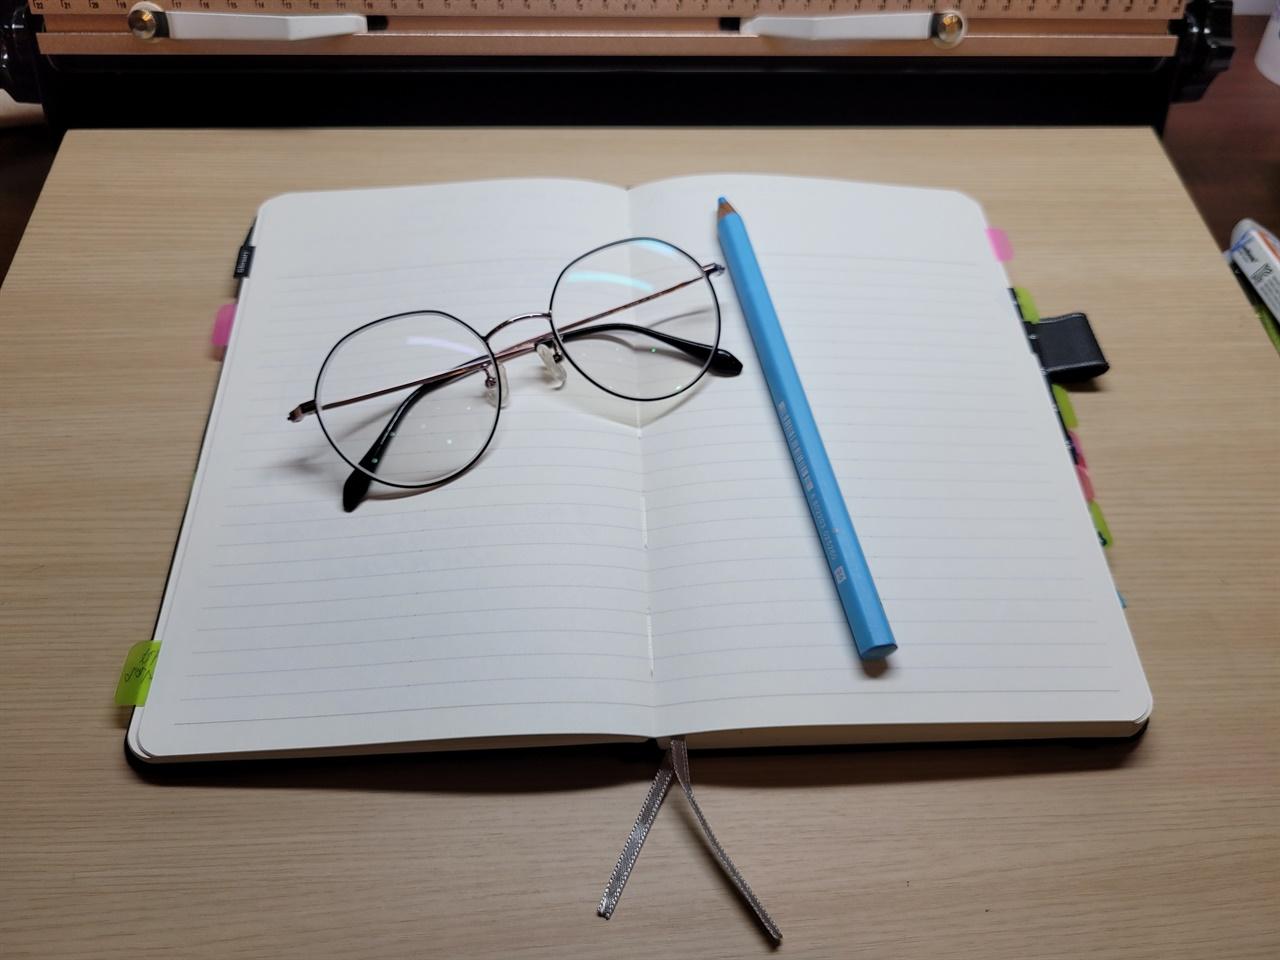 글쓰기 글쓰기를 시작한 지 7개월이 지난 어느날 문득 떠오르는 생각이  혹은 스쳐 지나가는 일들이 글을 쓰게 하는 소재가 되는 일이 생겼습니다. 그럴 때면 노트를 꺼내 몇 자 적어보곤 합니다.